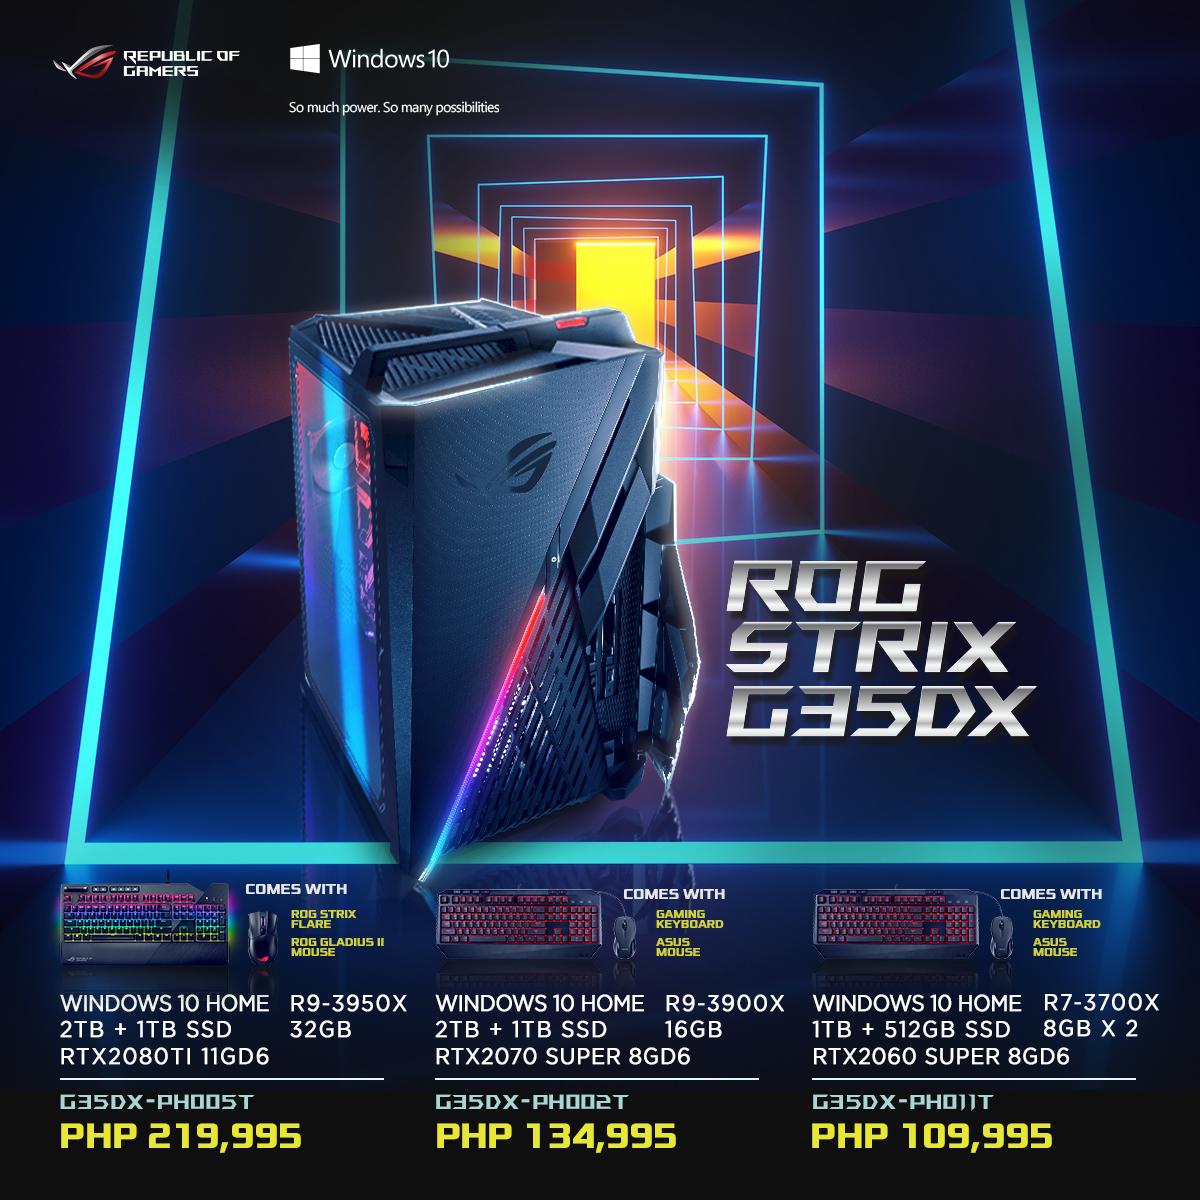 G35DX Price